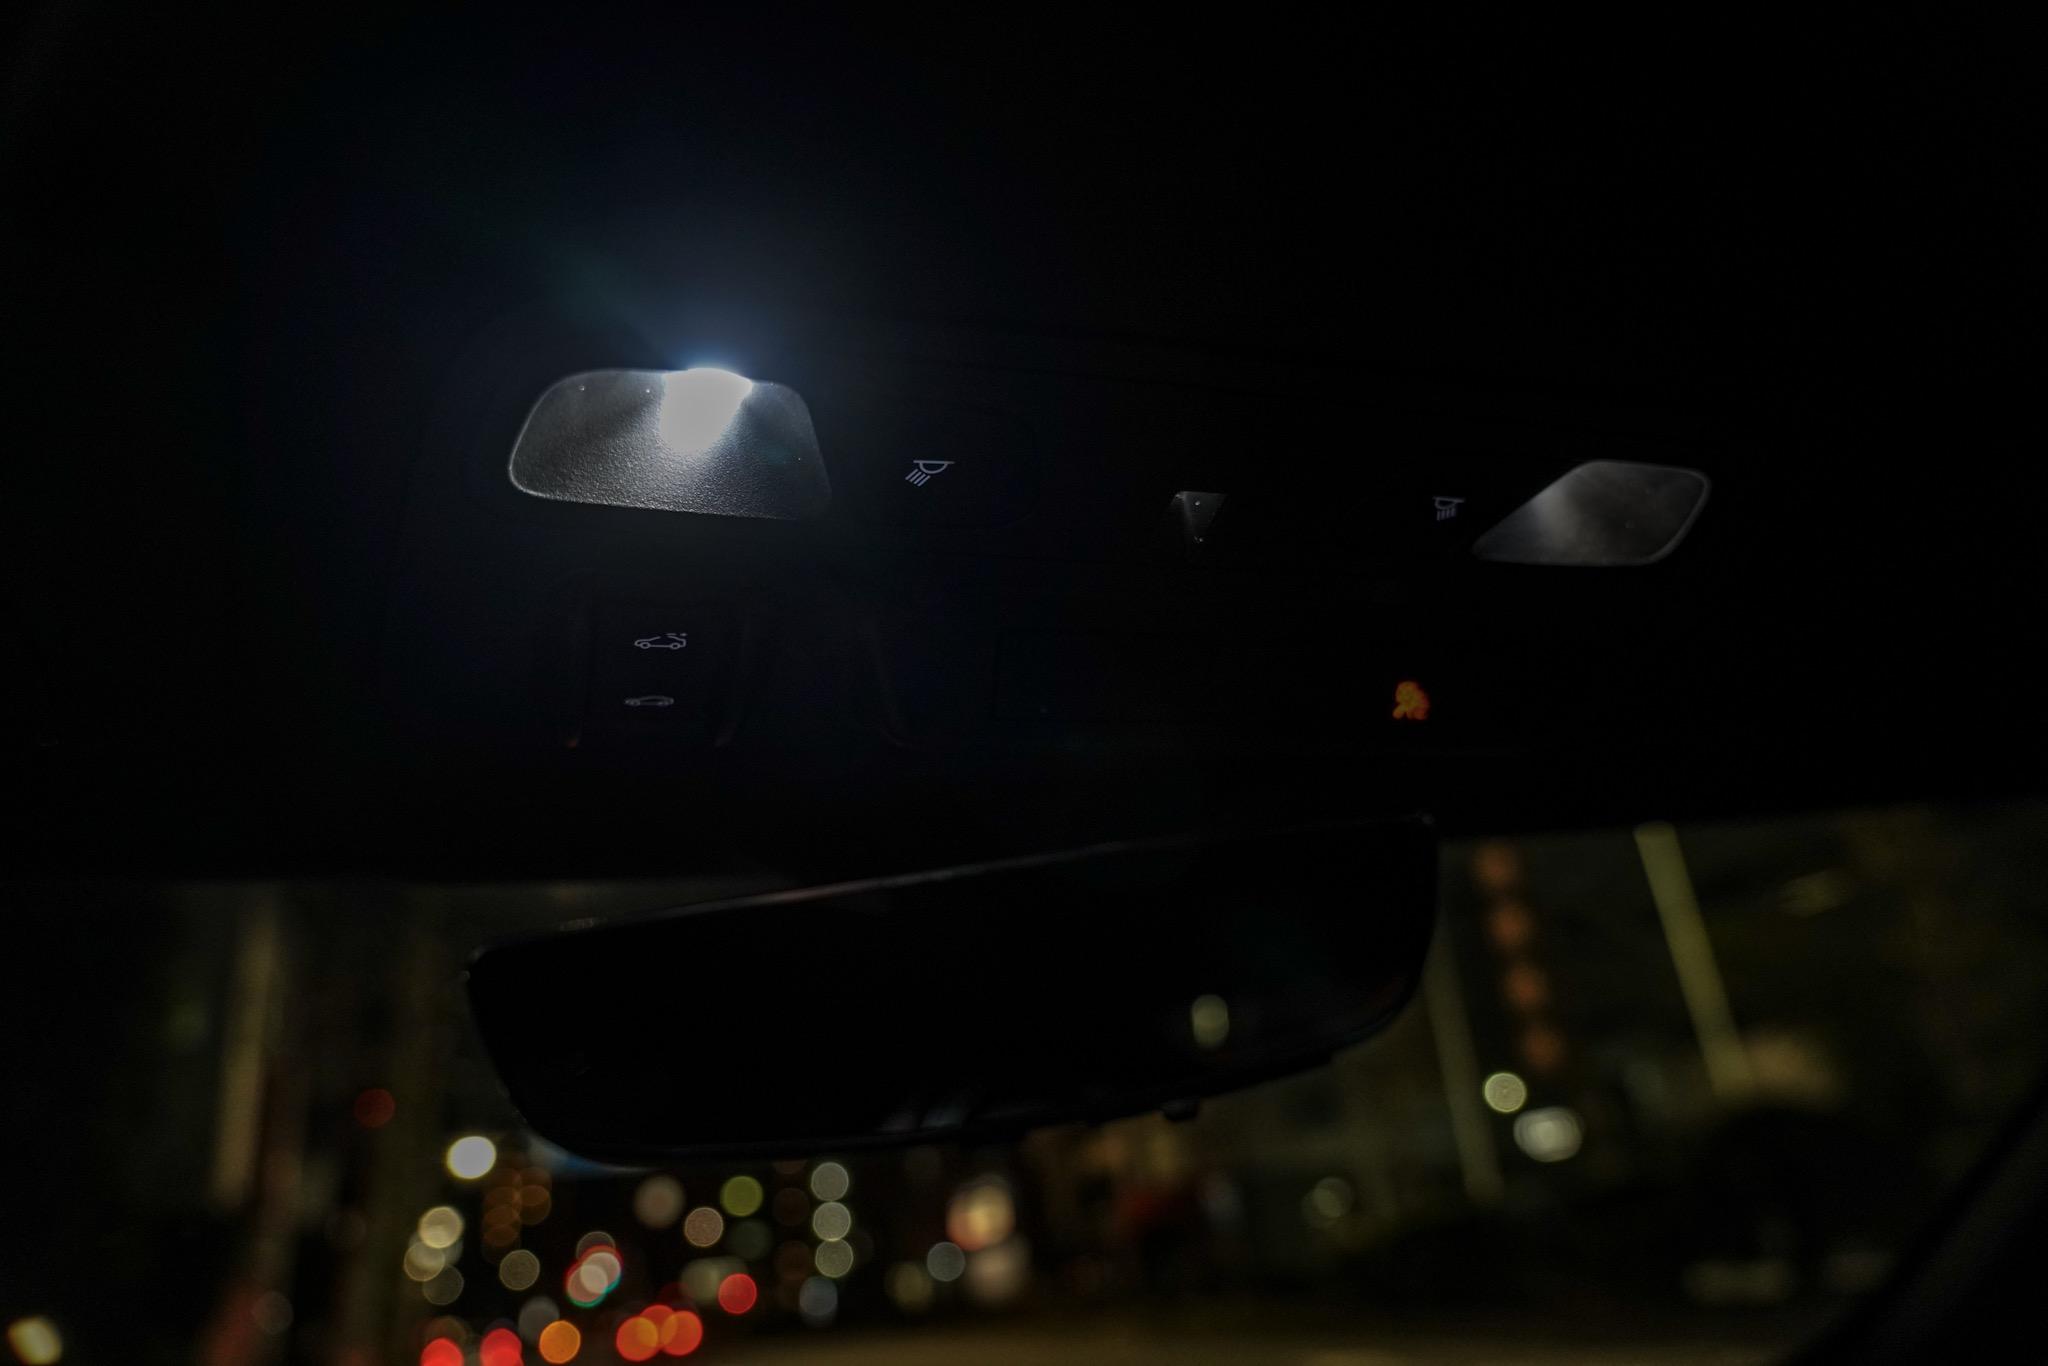 シボレー カマロSS 2019年モデル